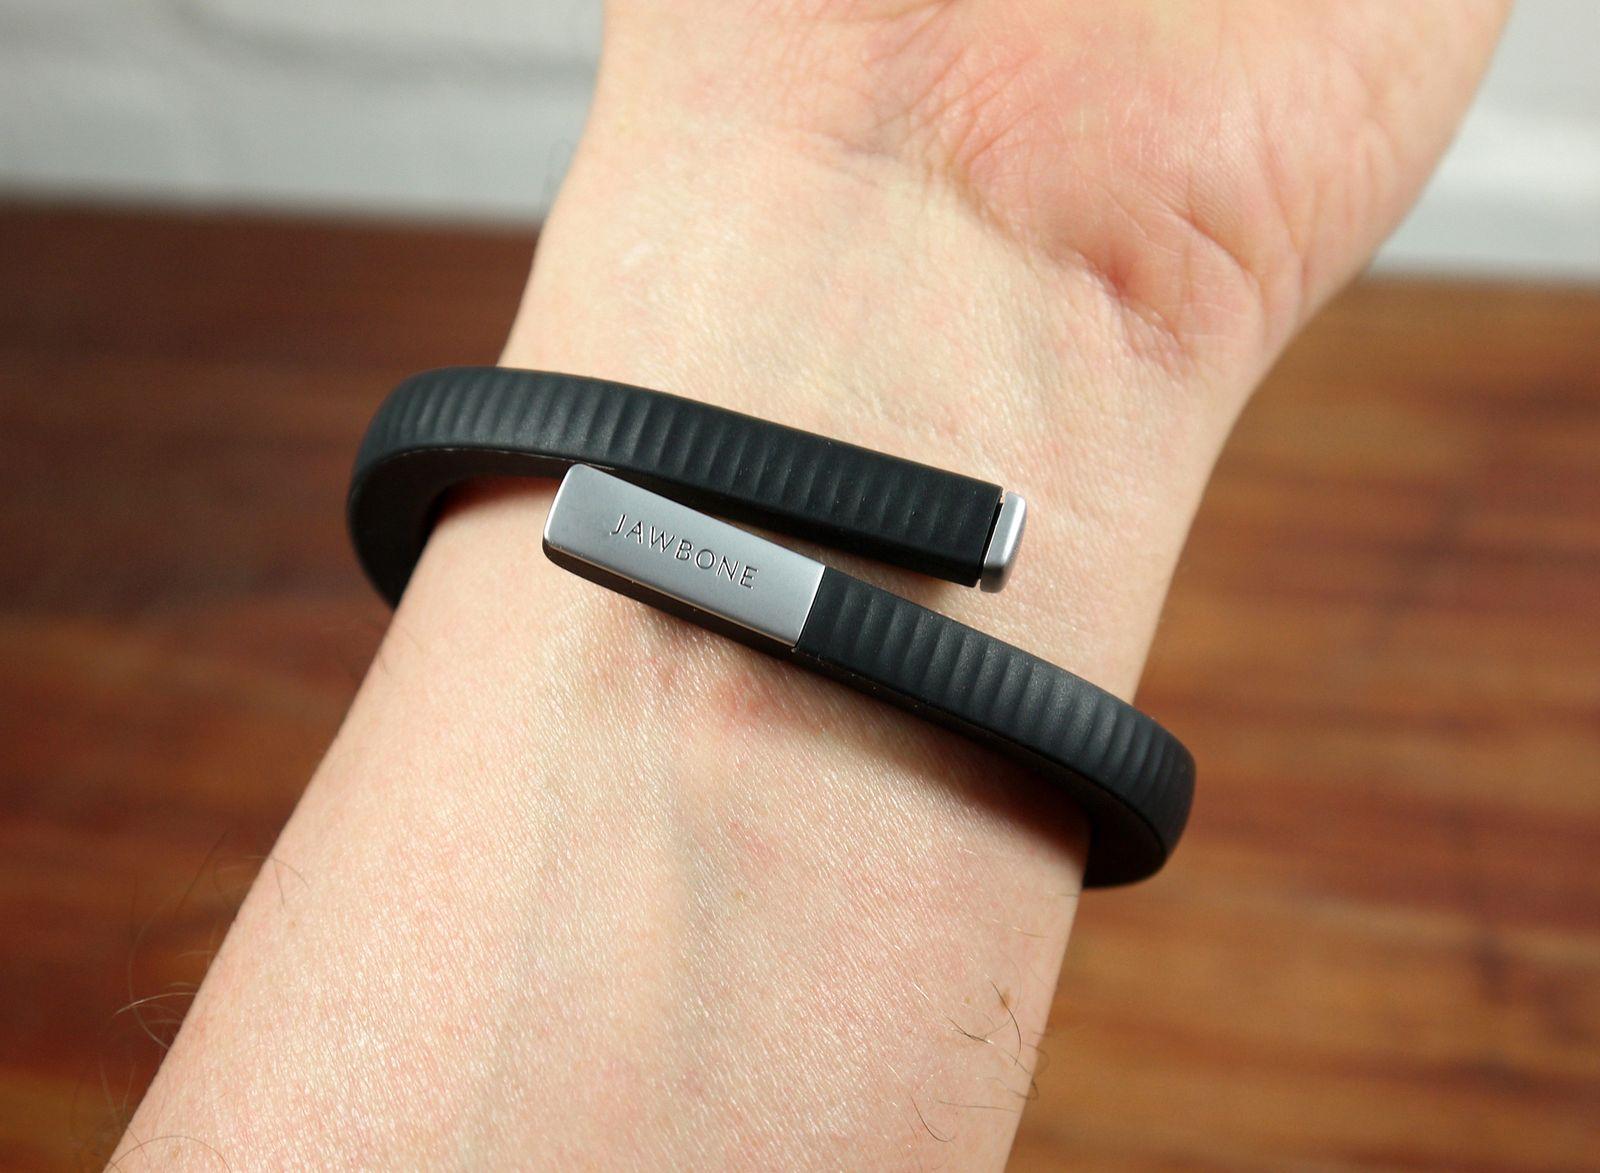 Fitness-Armbänder/ Jawbone Up 24